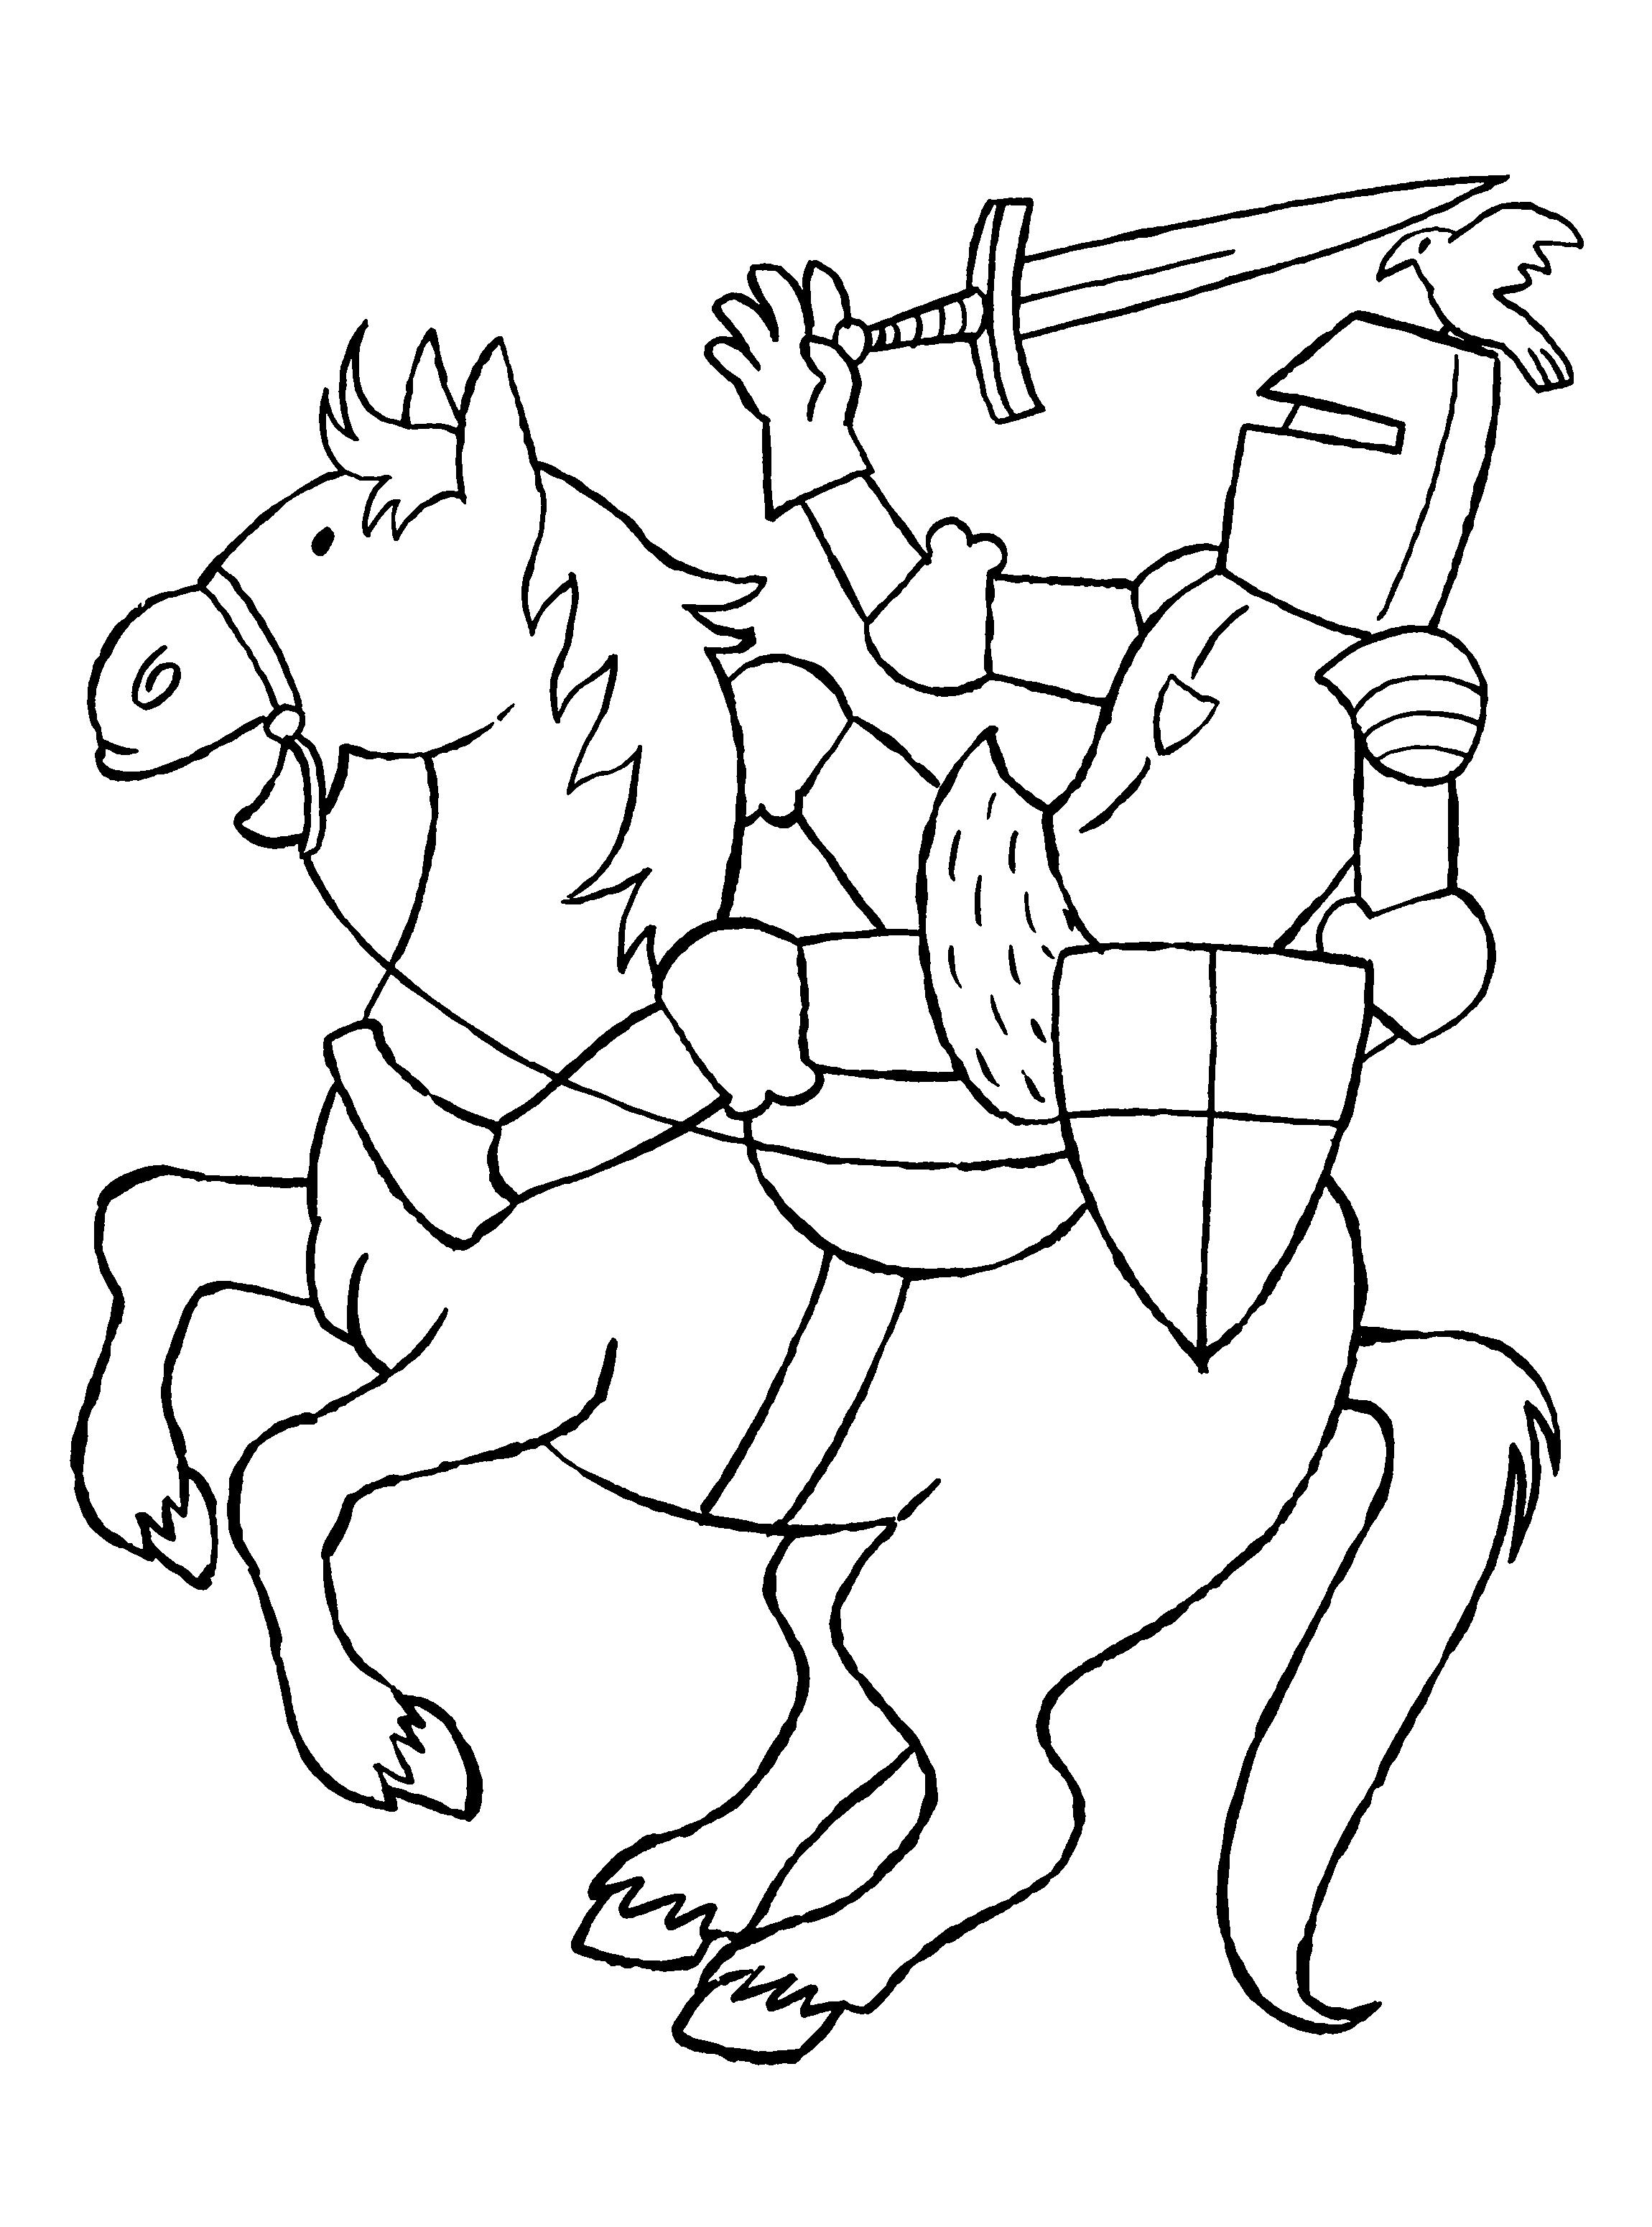 Koning Middeleeuwen Kleurplaat Pin Van Hilde Herpelinck Op Ridders En Kastelen Op